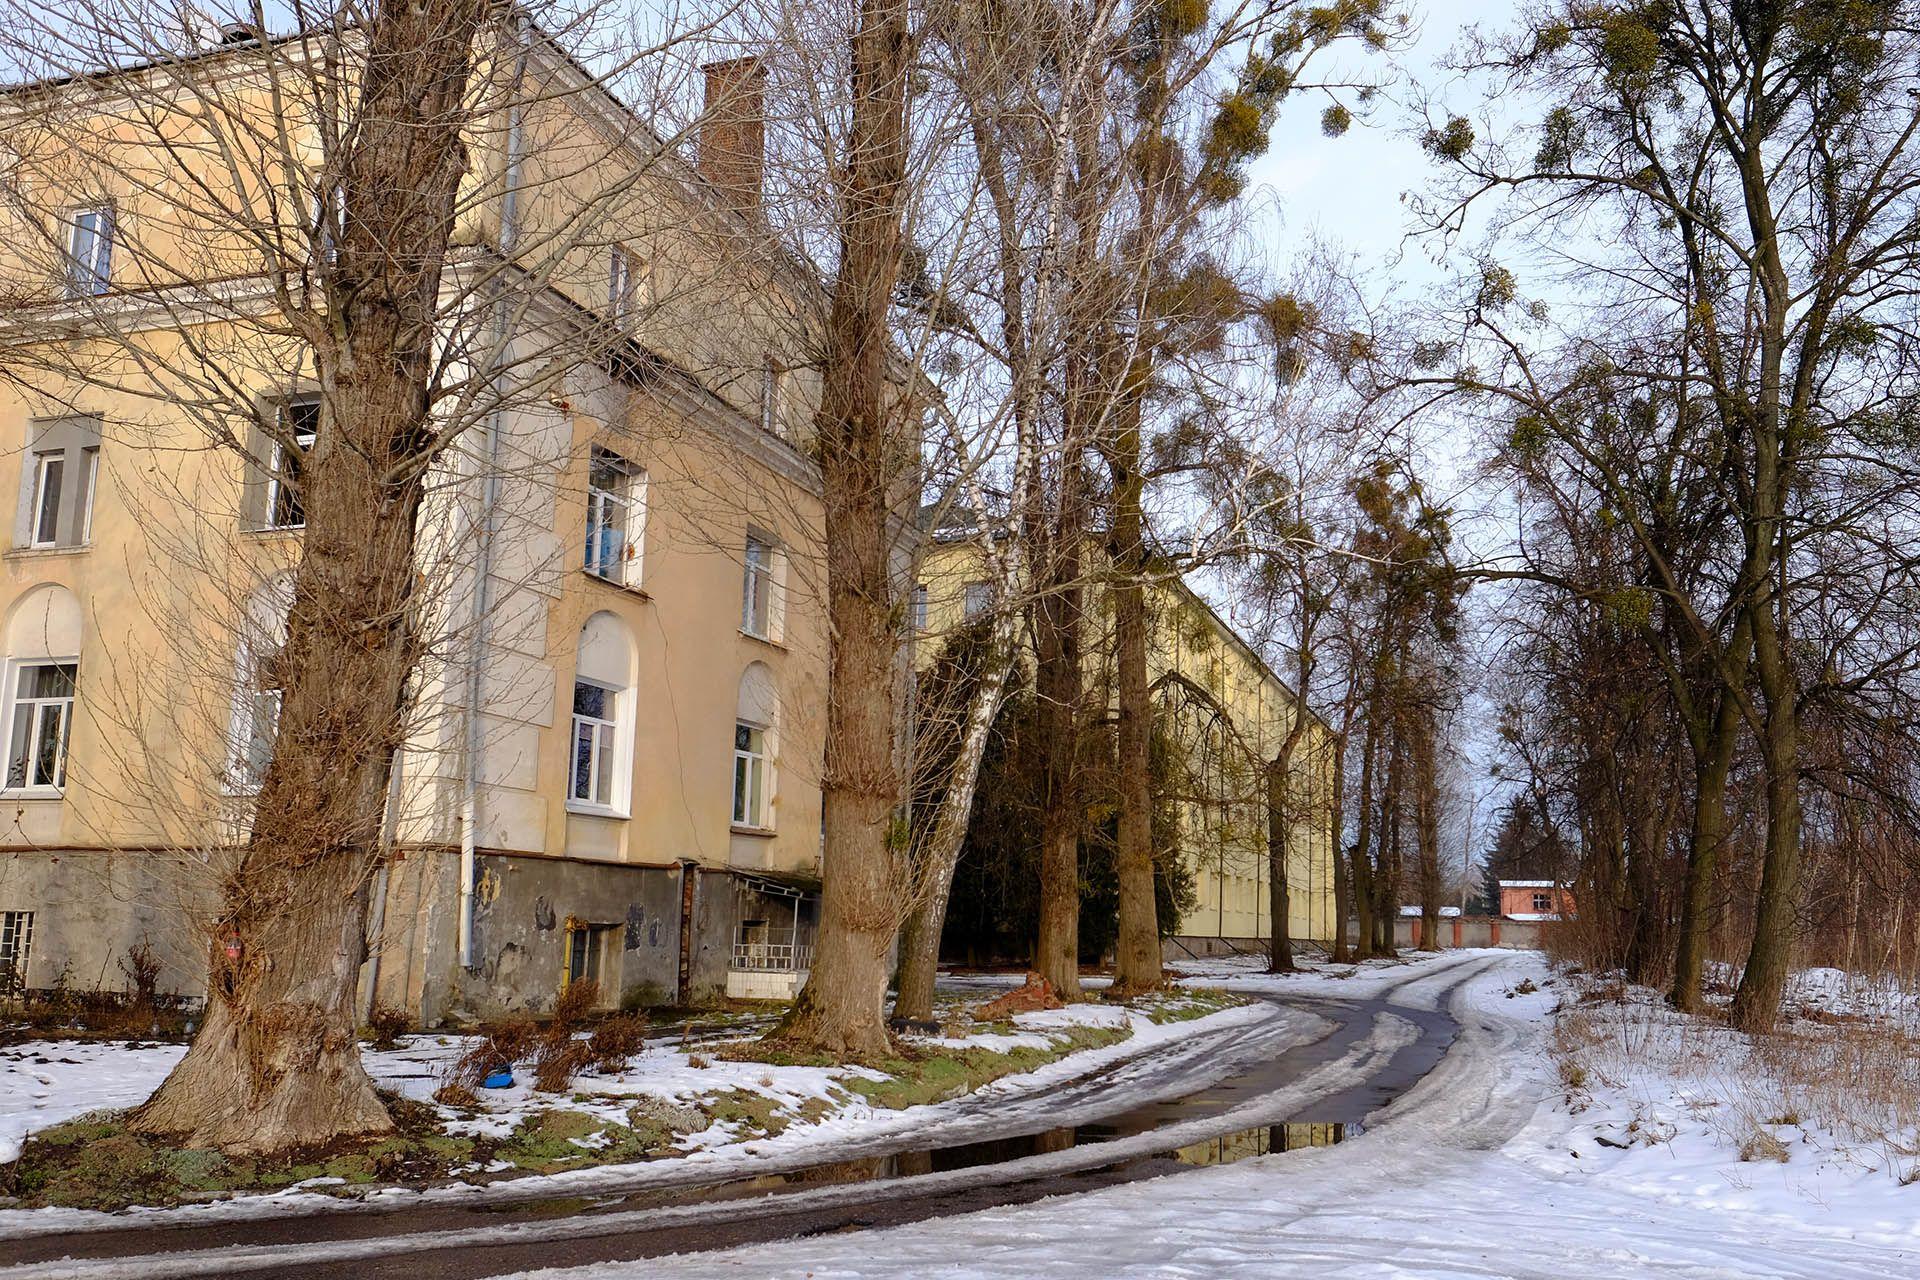 Будинок, покритий снігом